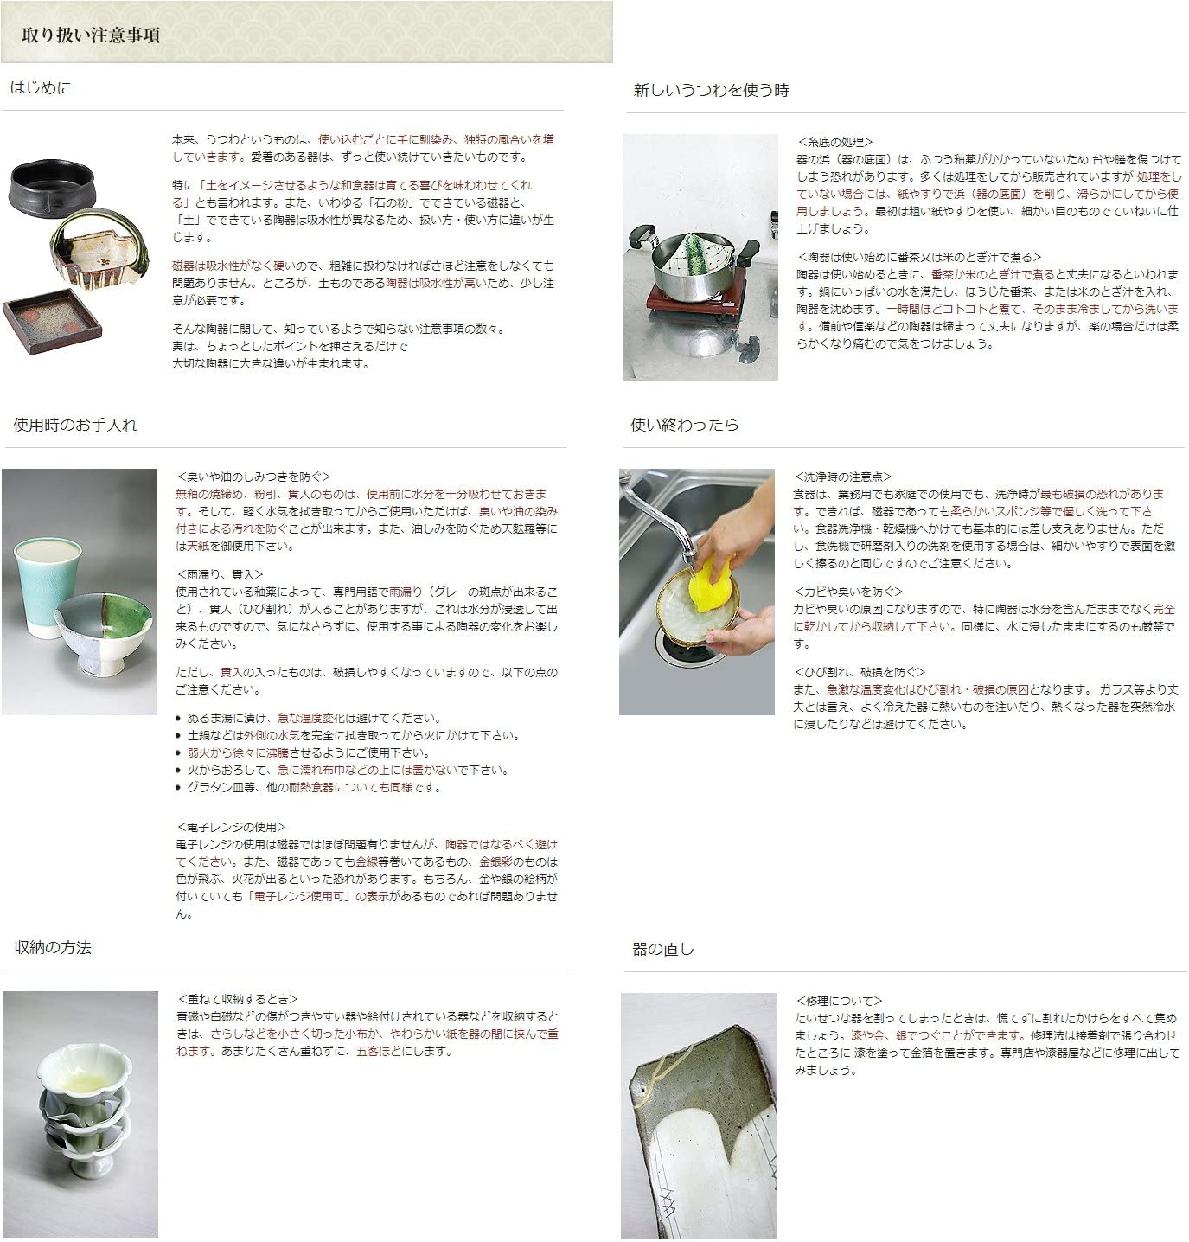 せともの本舗(セトモノホンポ) ルリフグ呑水の商品画像4